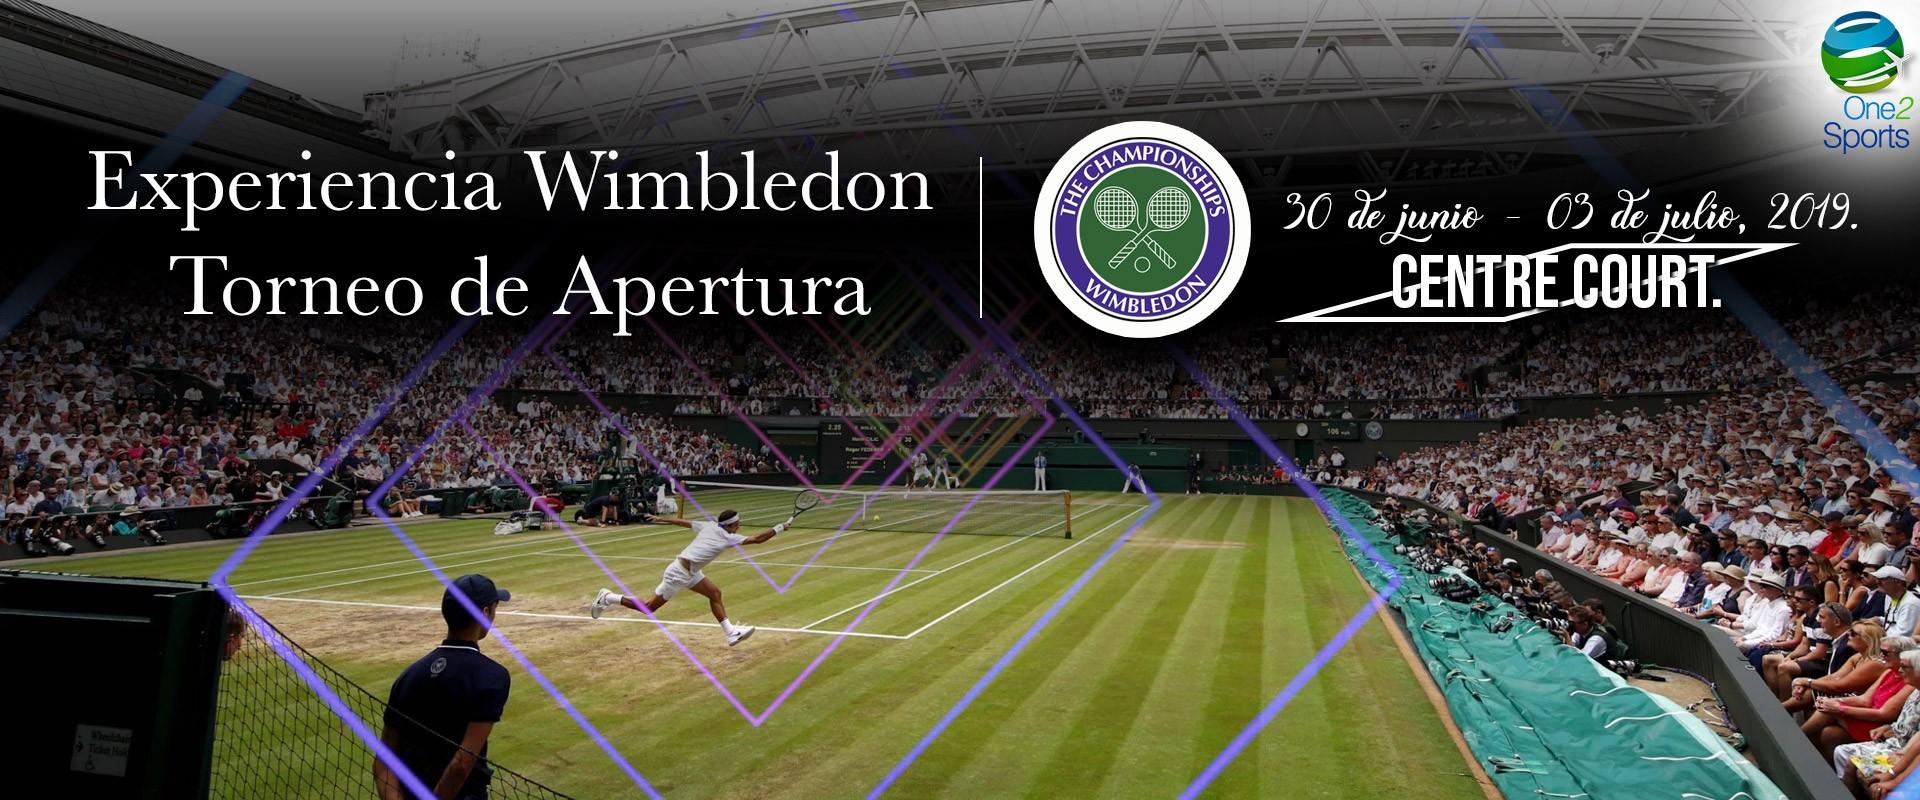 Experiencia del Torneo de Apertura Wimbledon